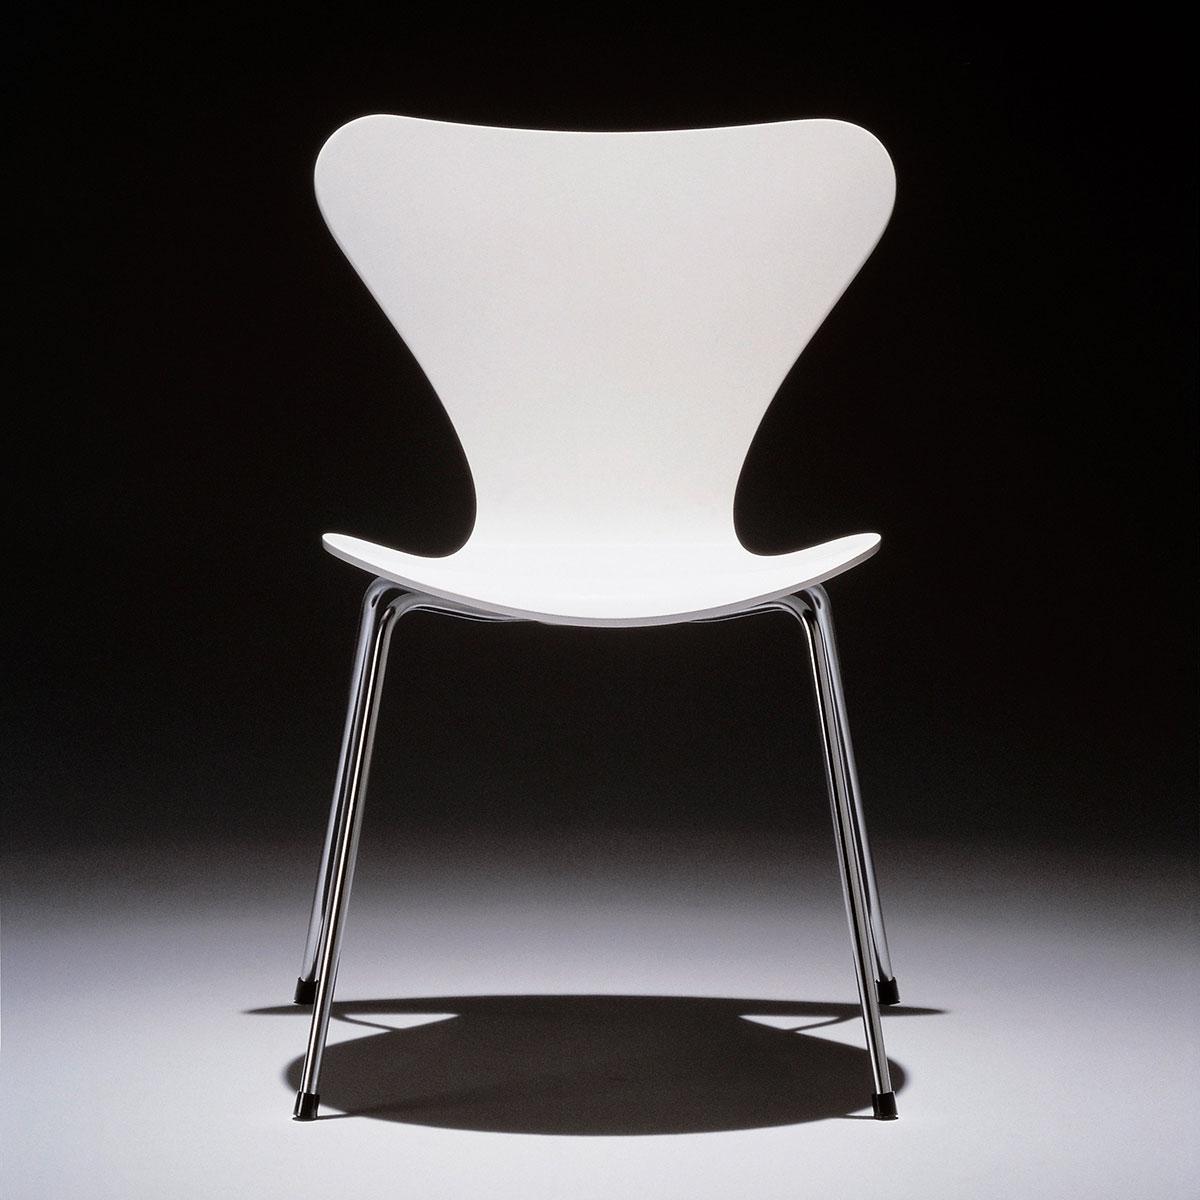 fritz hansen series 7 3107 butterfly chair lacquered door arne jacobsen tijdelijke actie. Black Bedroom Furniture Sets. Home Design Ideas